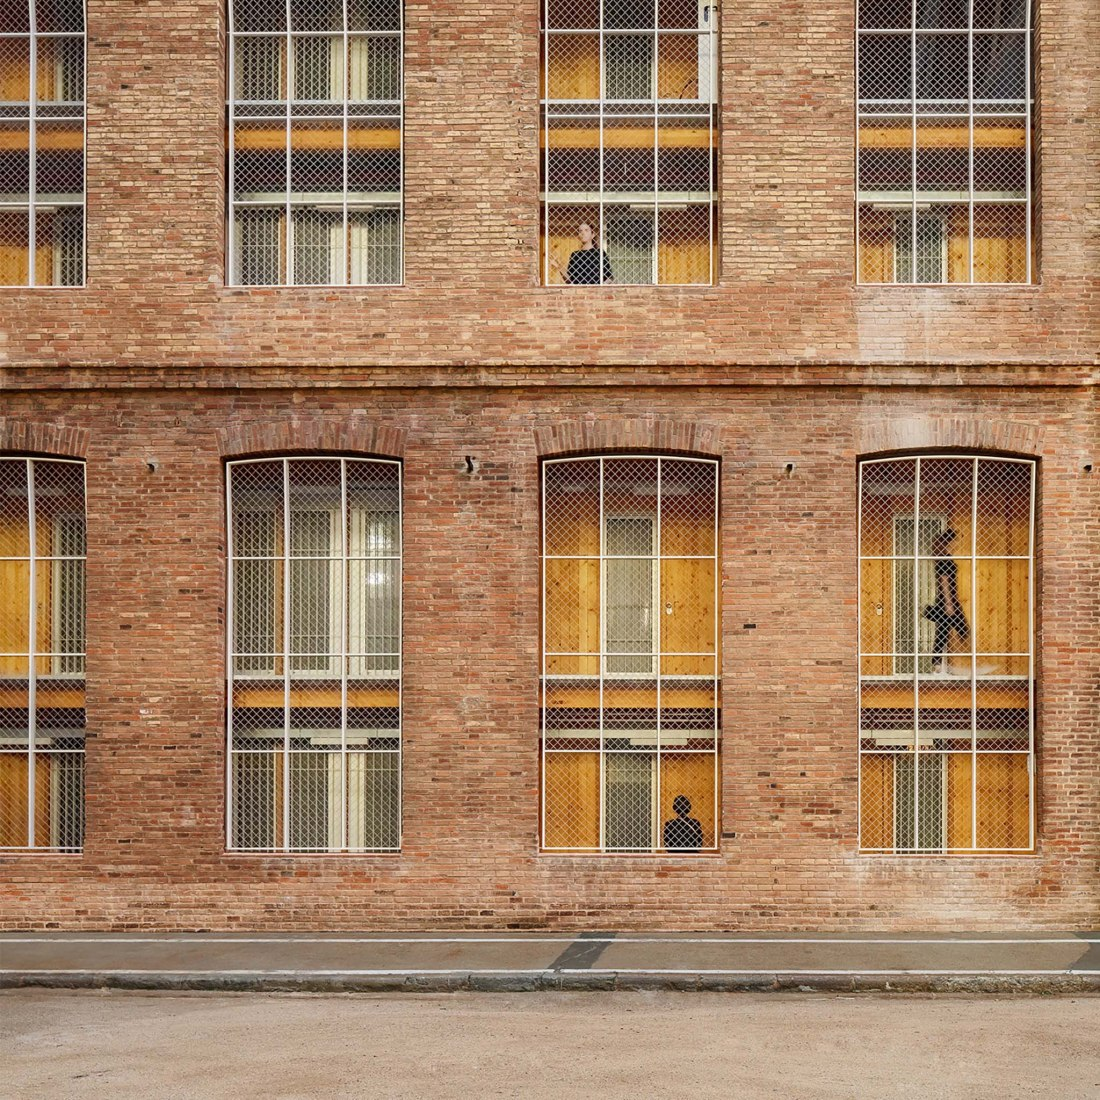 Fabra & Coats vivienda social & patrimonio industrial por Roldán + Berengue Arquitectos. Fotografía por Jordi Surroca y Gael del Río